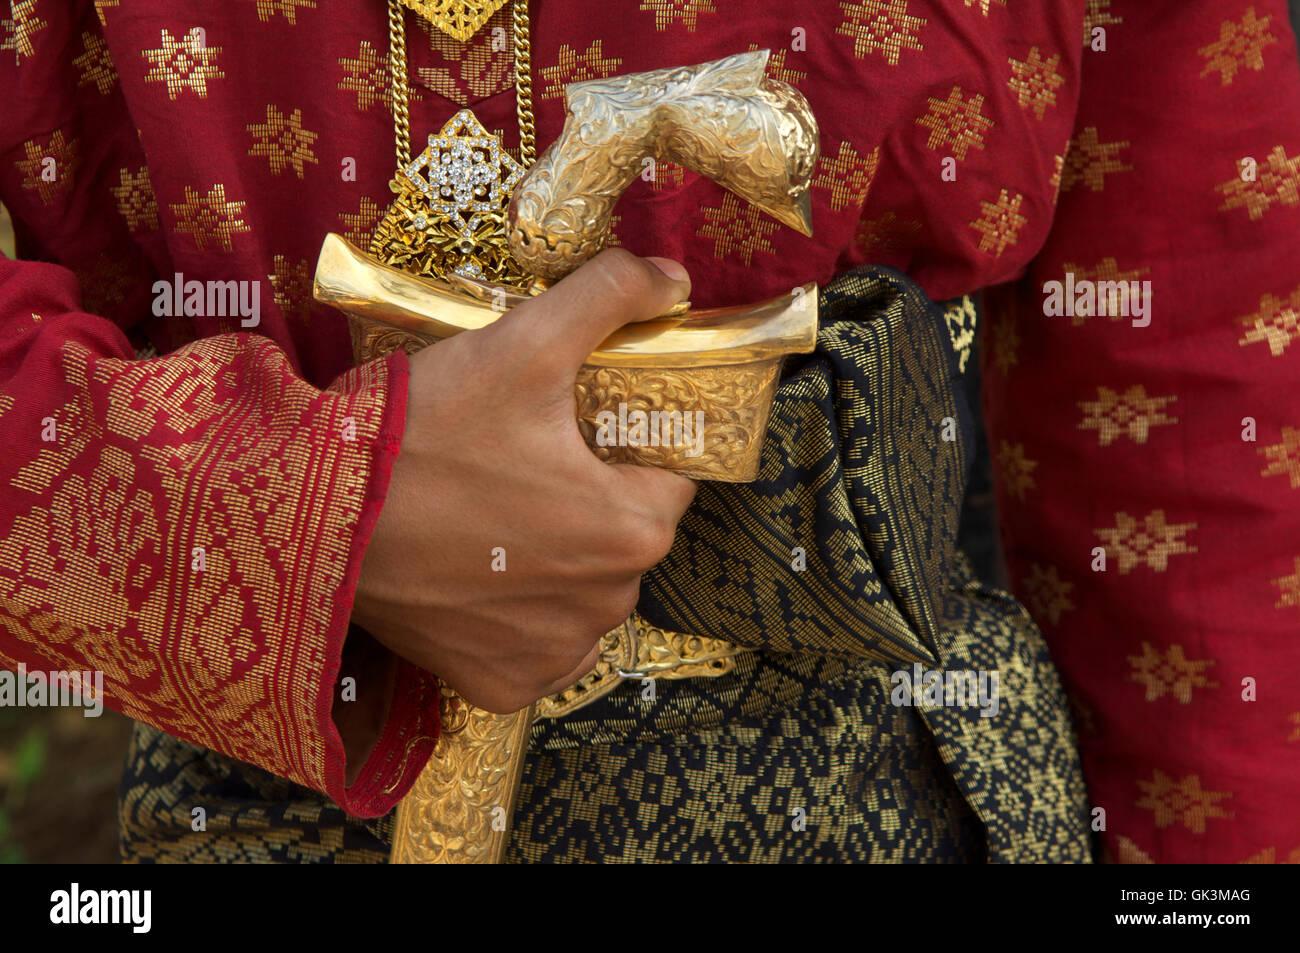 kuala kangsar hindu personals Ipoh gay personals gay personals in ipoh ipoh hindu singles | ipoh buddhist singles kuala kangsar gay singles.